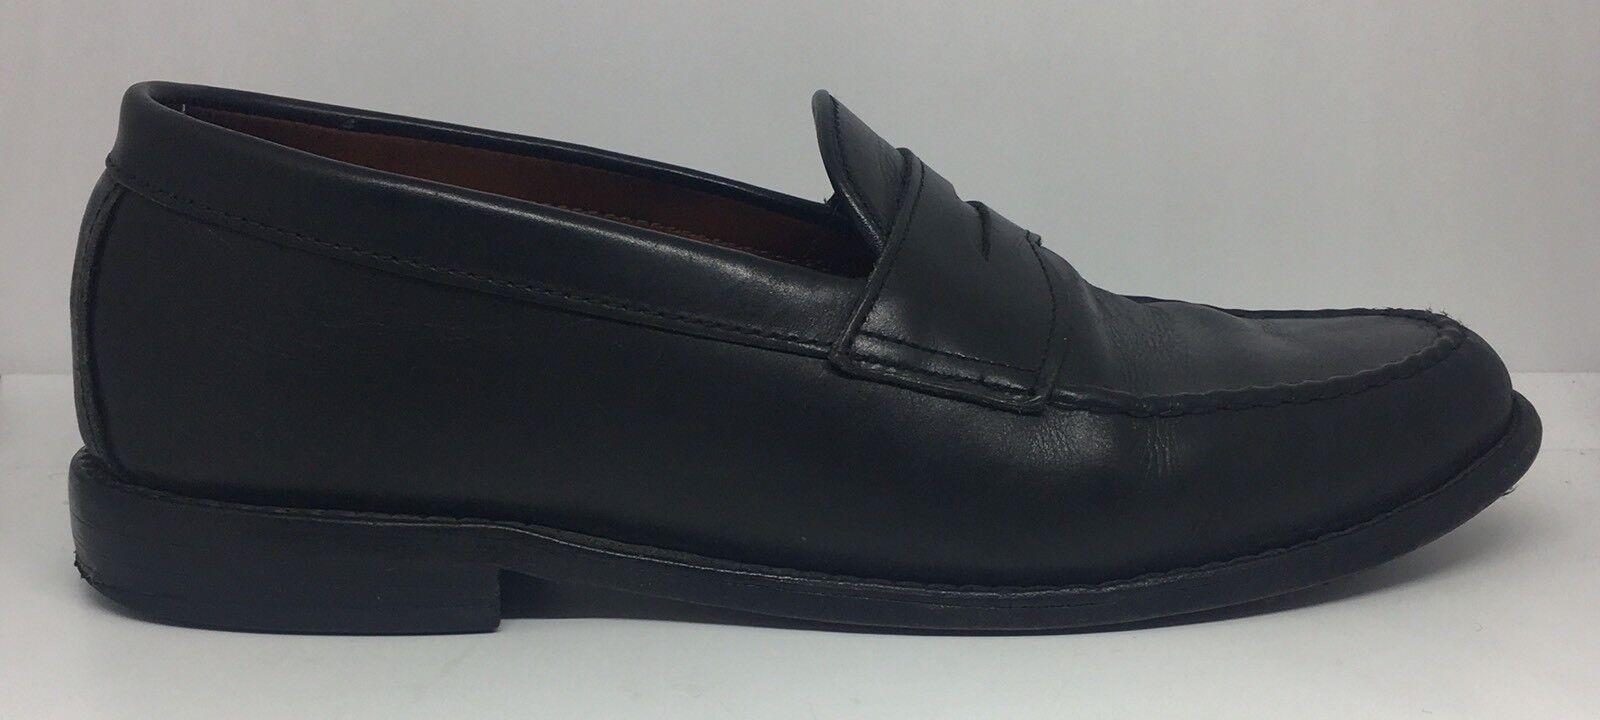 ALLEN EDMONDS Patriot Slip-On Penny Loafers Dress shoes 4906 Men's Size 9 D